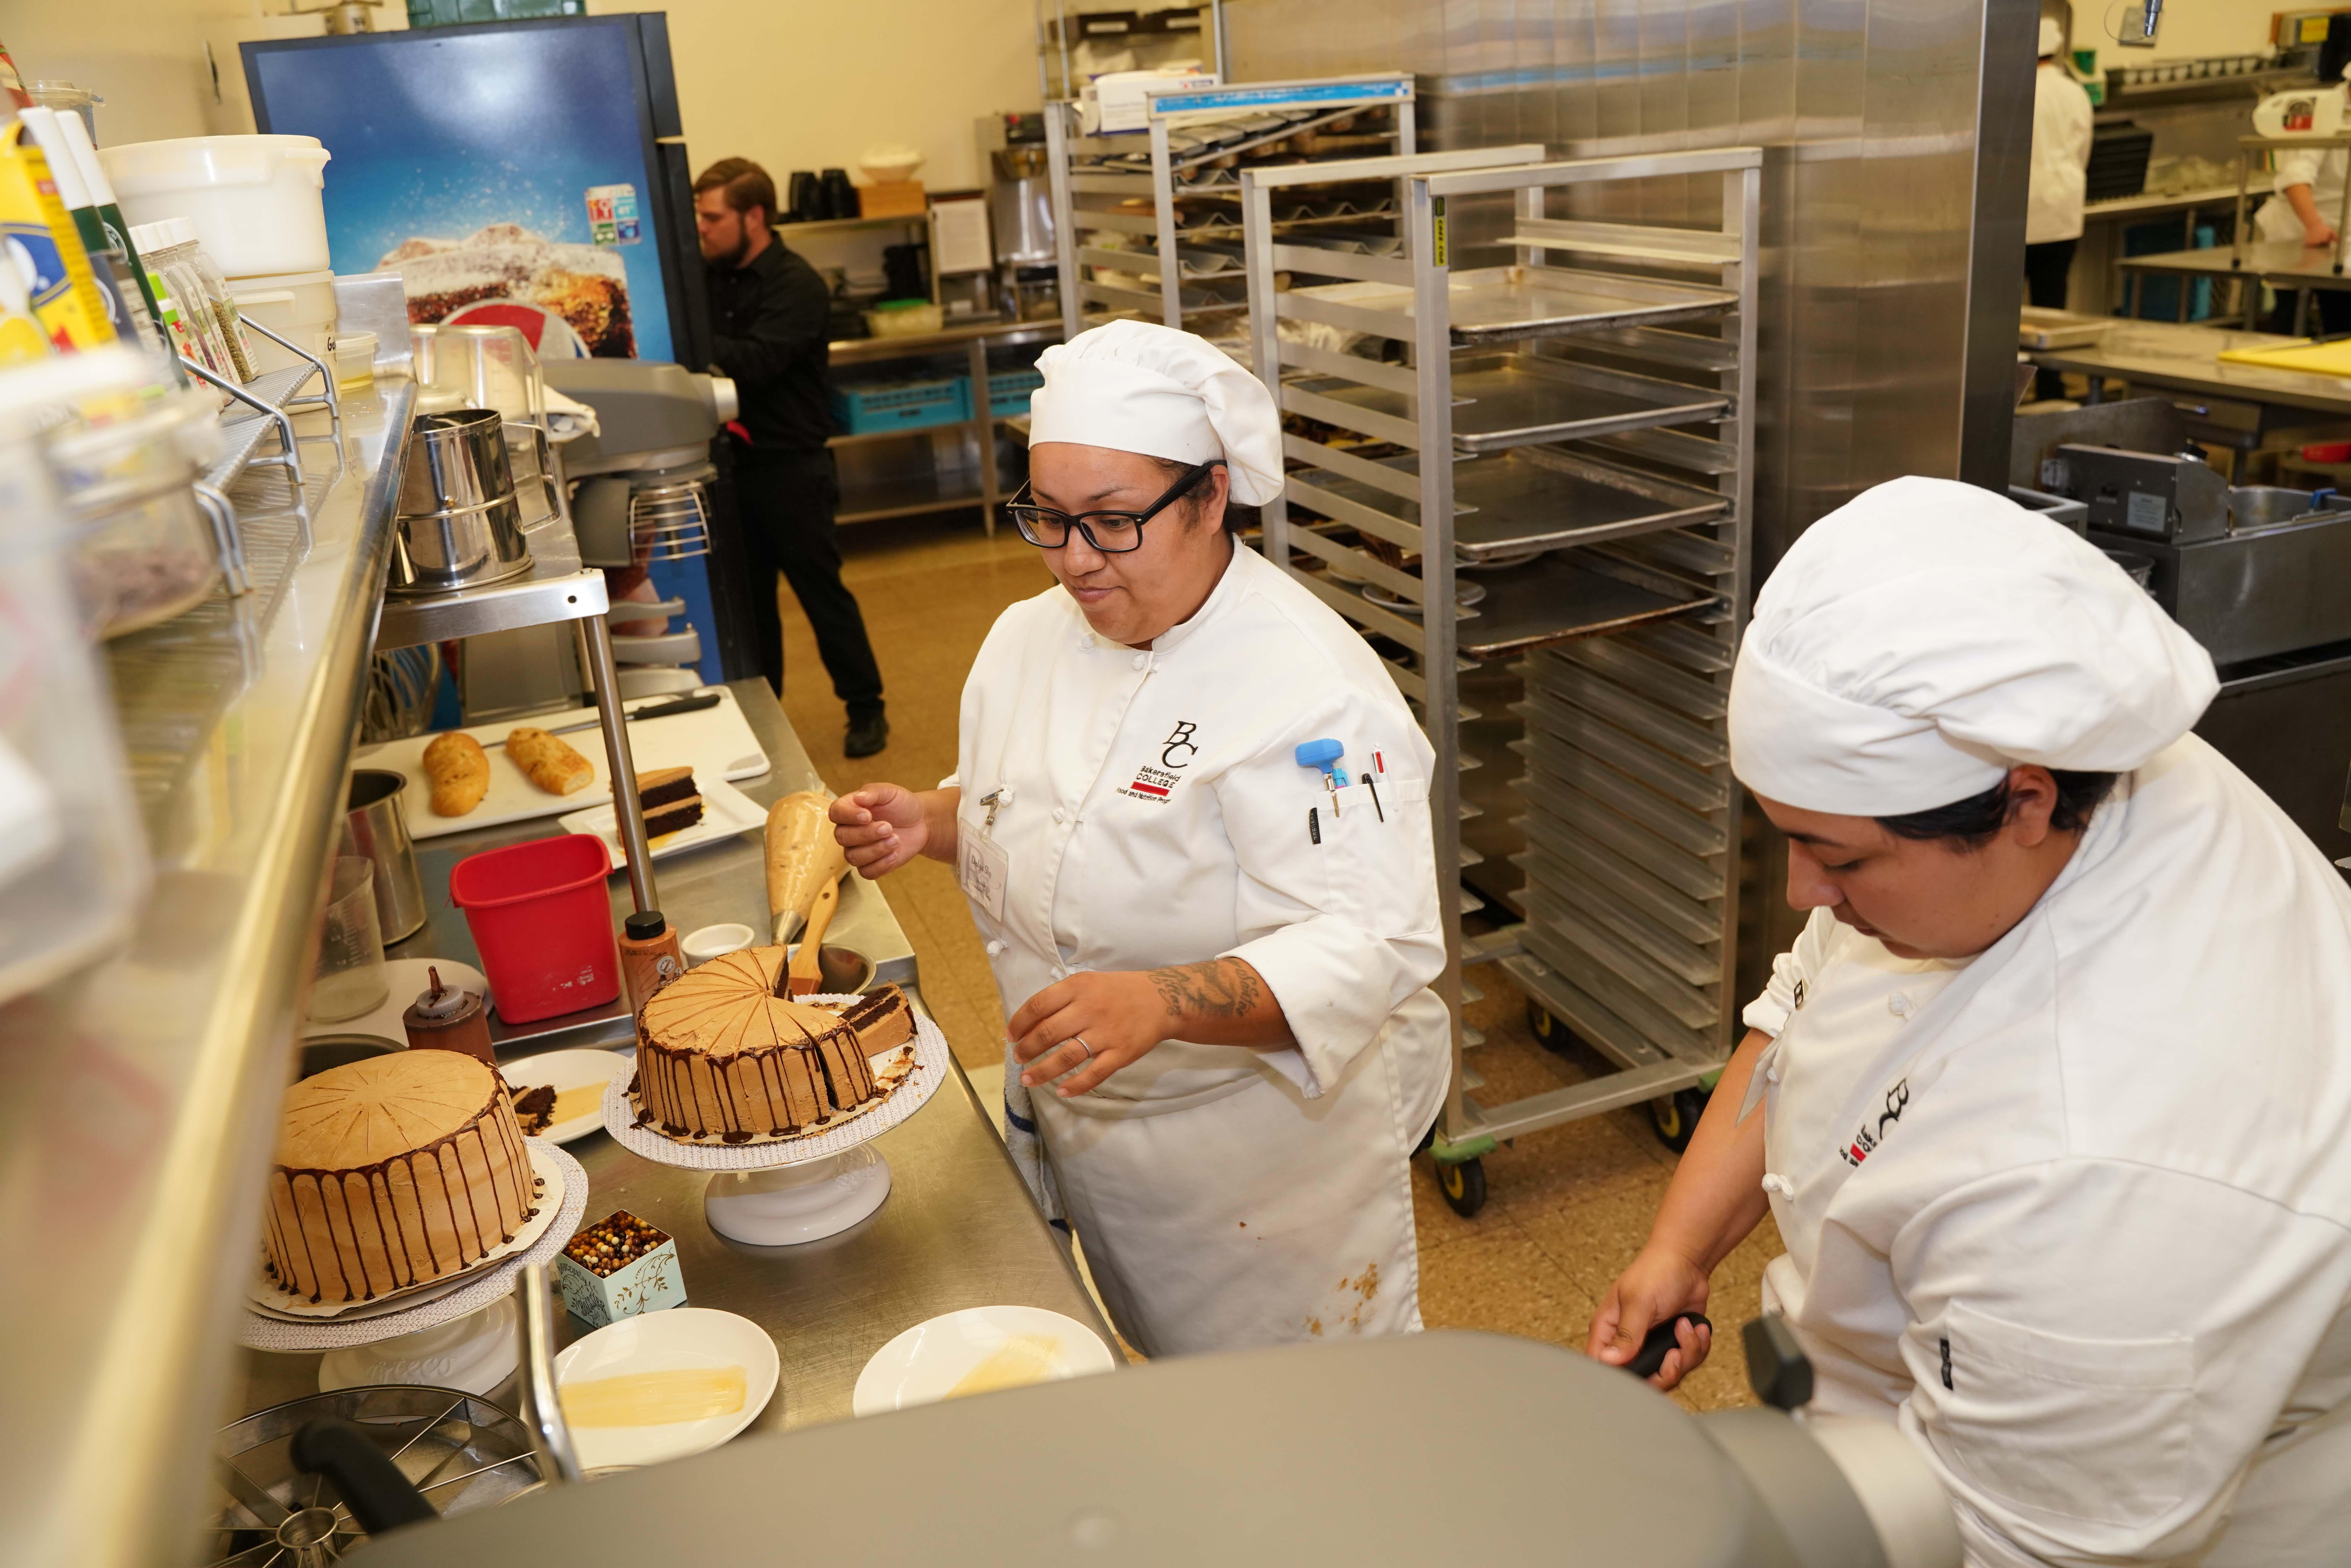 BC Culinary Arts student baking